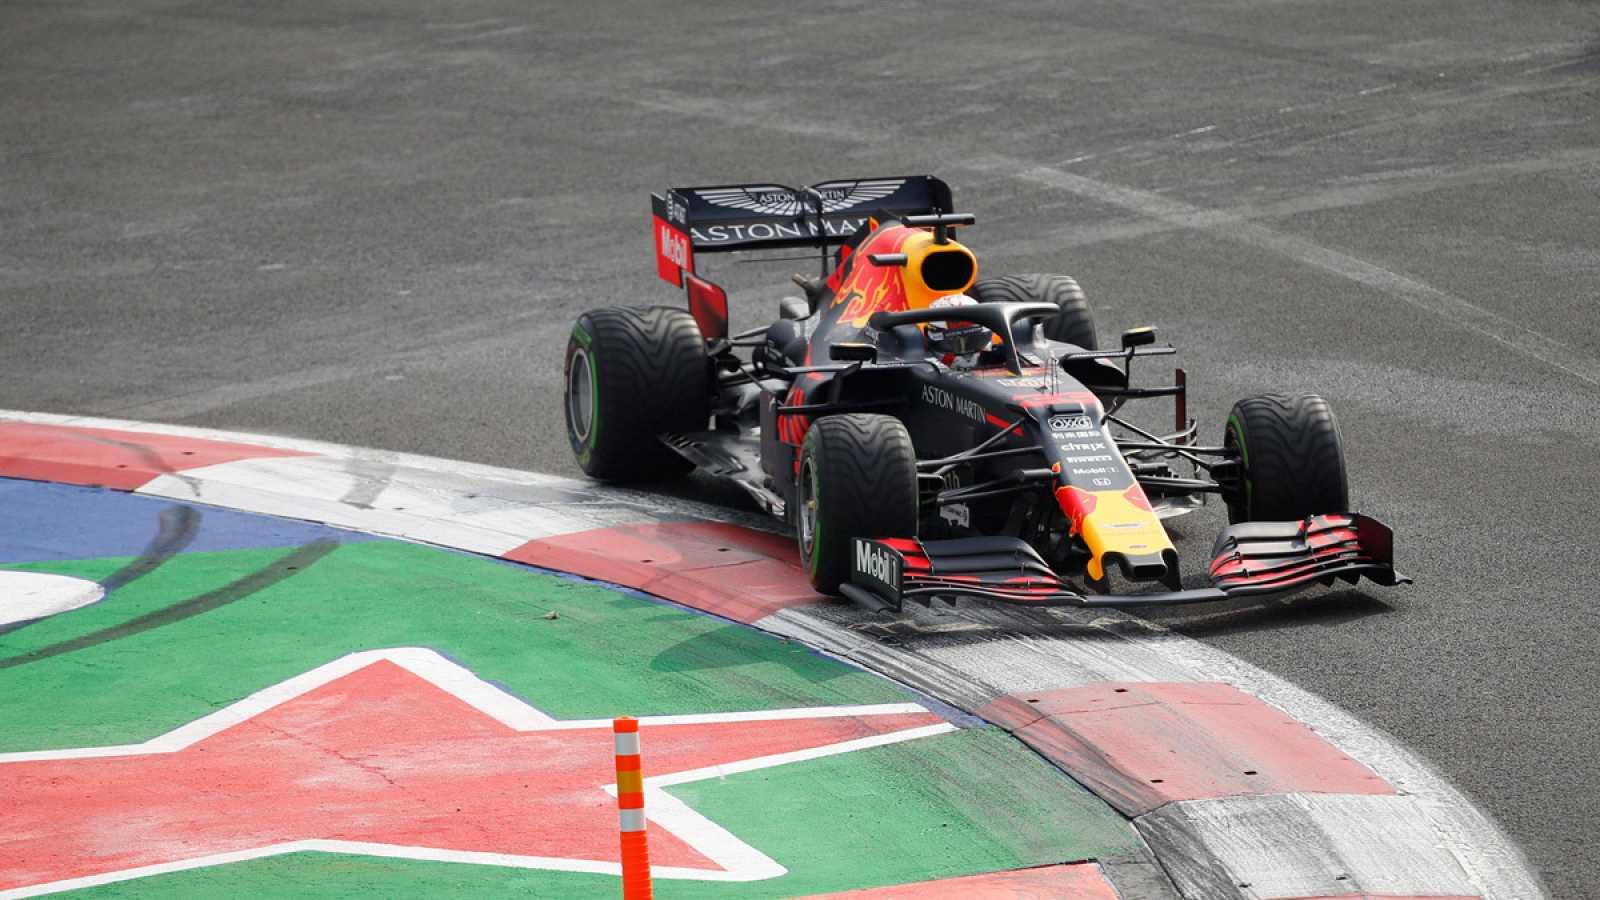 El piloto neerlandés de Fórmula Uno, Max Verstappen